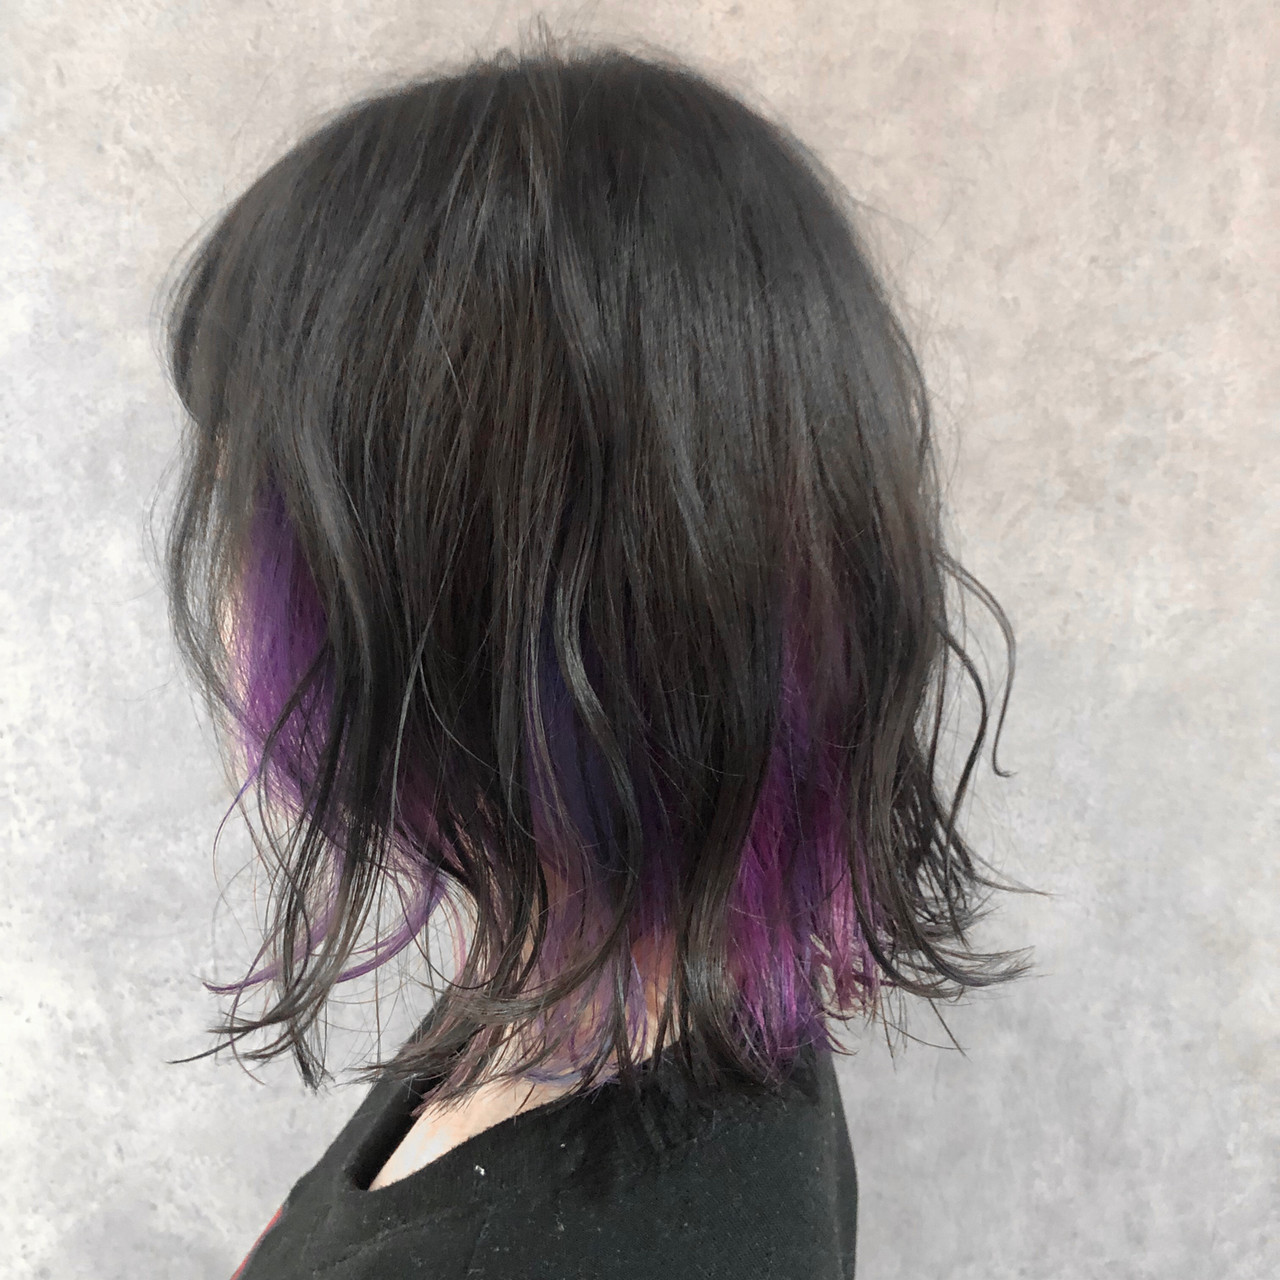 ミニボブ ウルフカット ミディアム ナチュラル ヘアスタイルや髪型の写真・画像